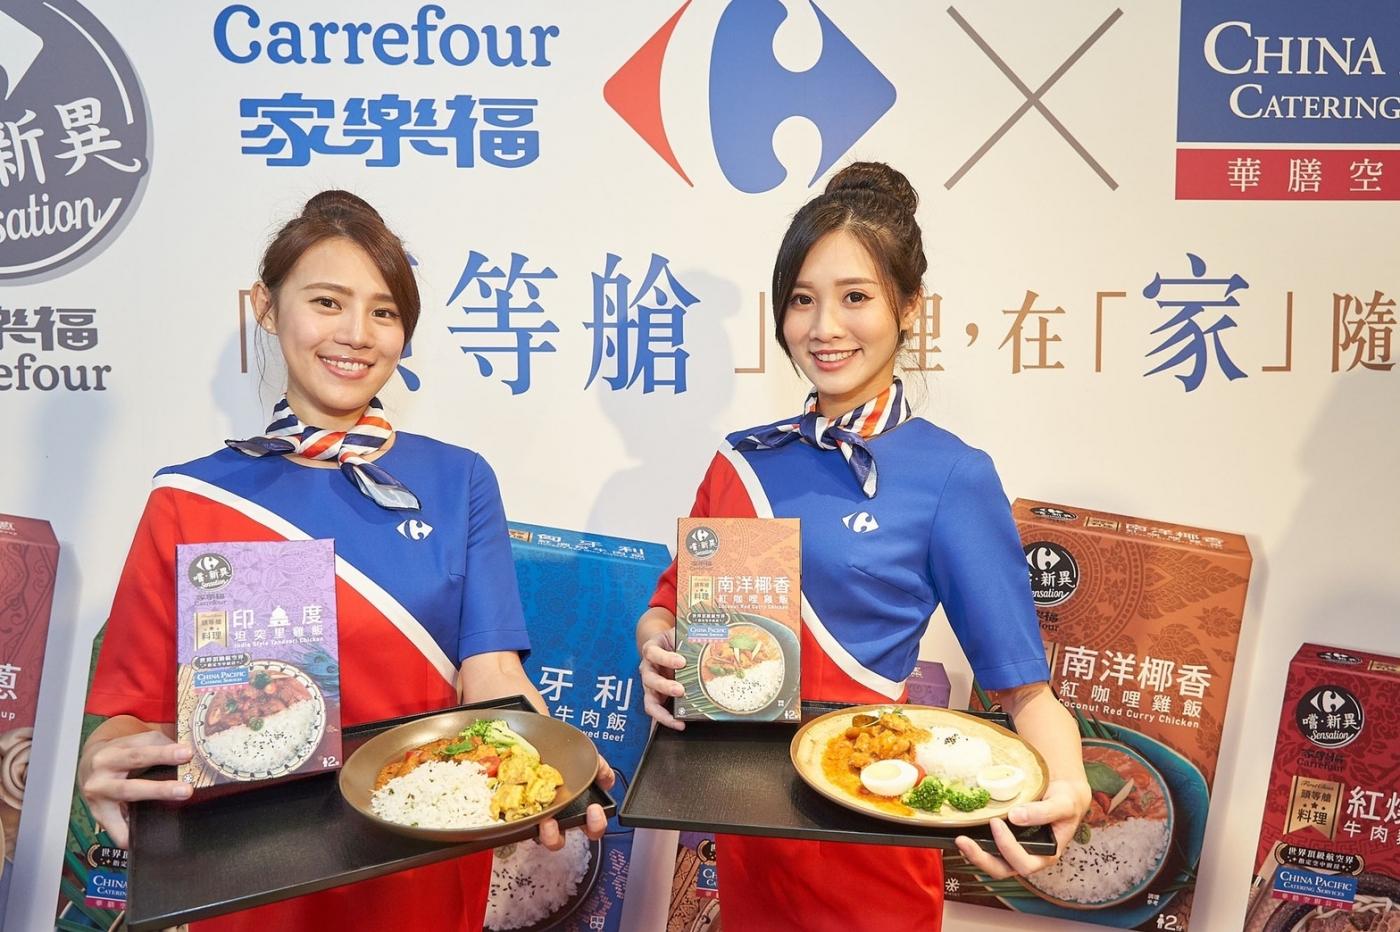 華膳空廚與家樂福聯手,頭等艙料理變冷凍平價美食!飛機餐「降落」會有哪些挑戰?